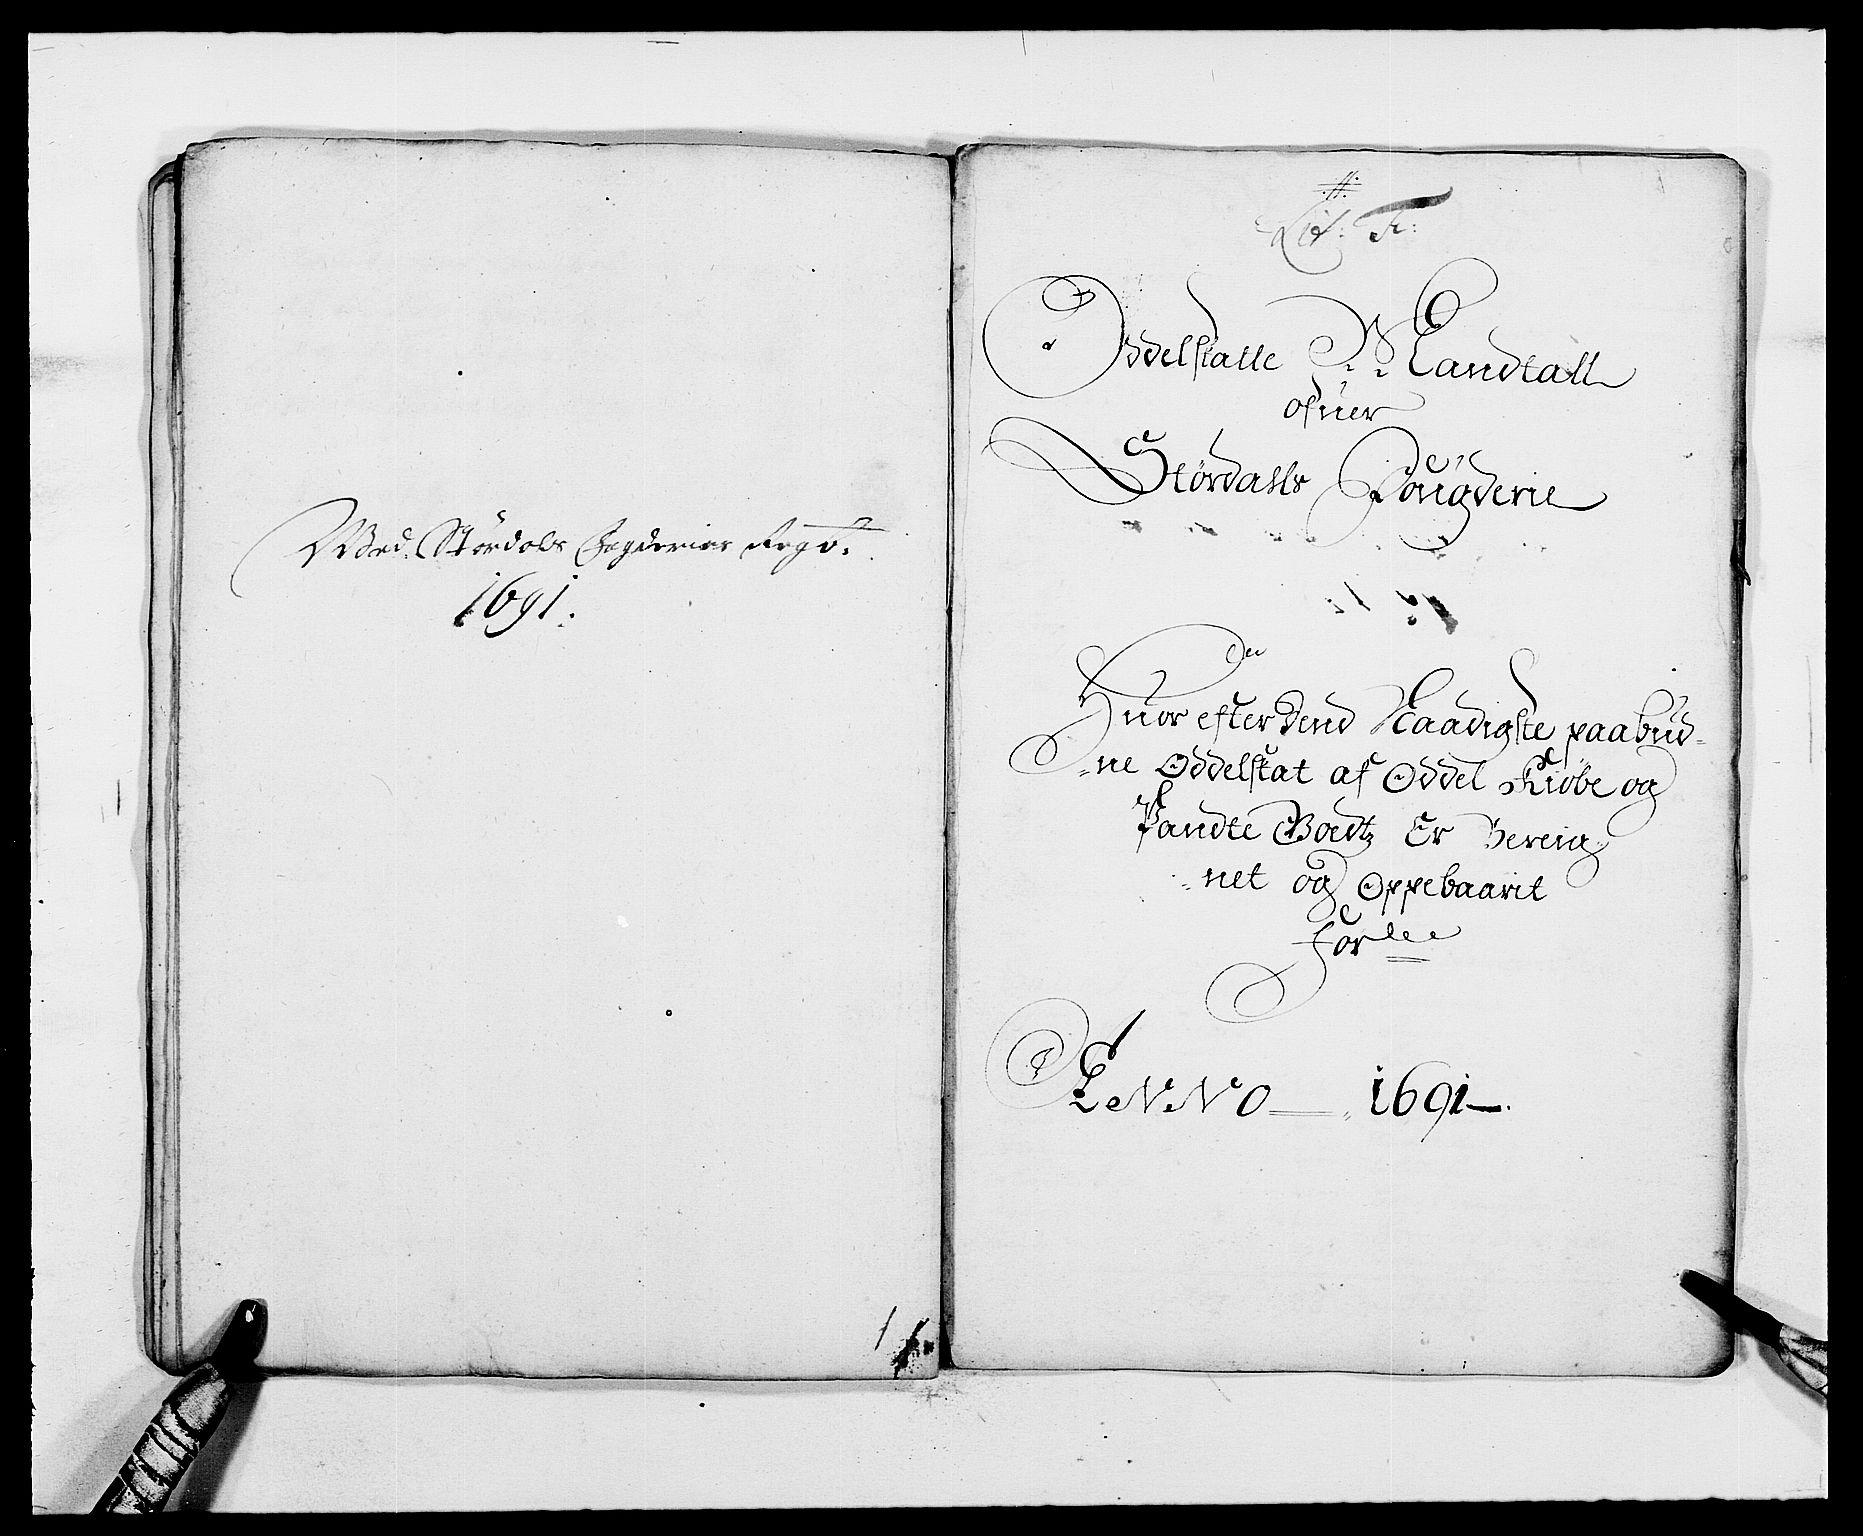 RA, Rentekammeret inntil 1814, Reviderte regnskaper, Fogderegnskap, R62/L4184: Fogderegnskap Stjørdal og Verdal, 1690-1691, s. 322